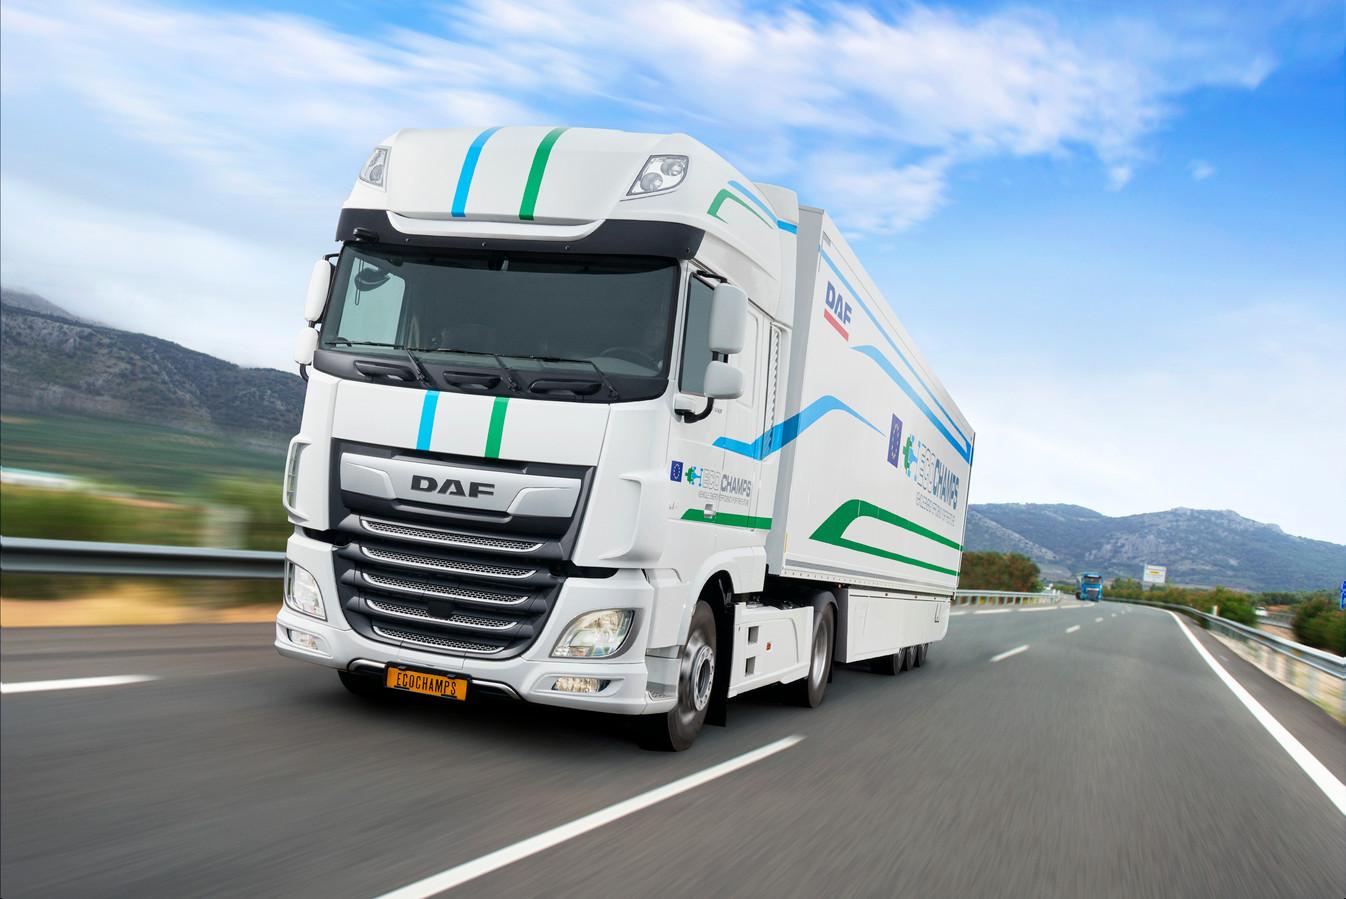 DAF heeft een hybride innovatietruck ontwikkeld binnen een Europees subsidieproject waar 26 bedrijven aan deelnemen.